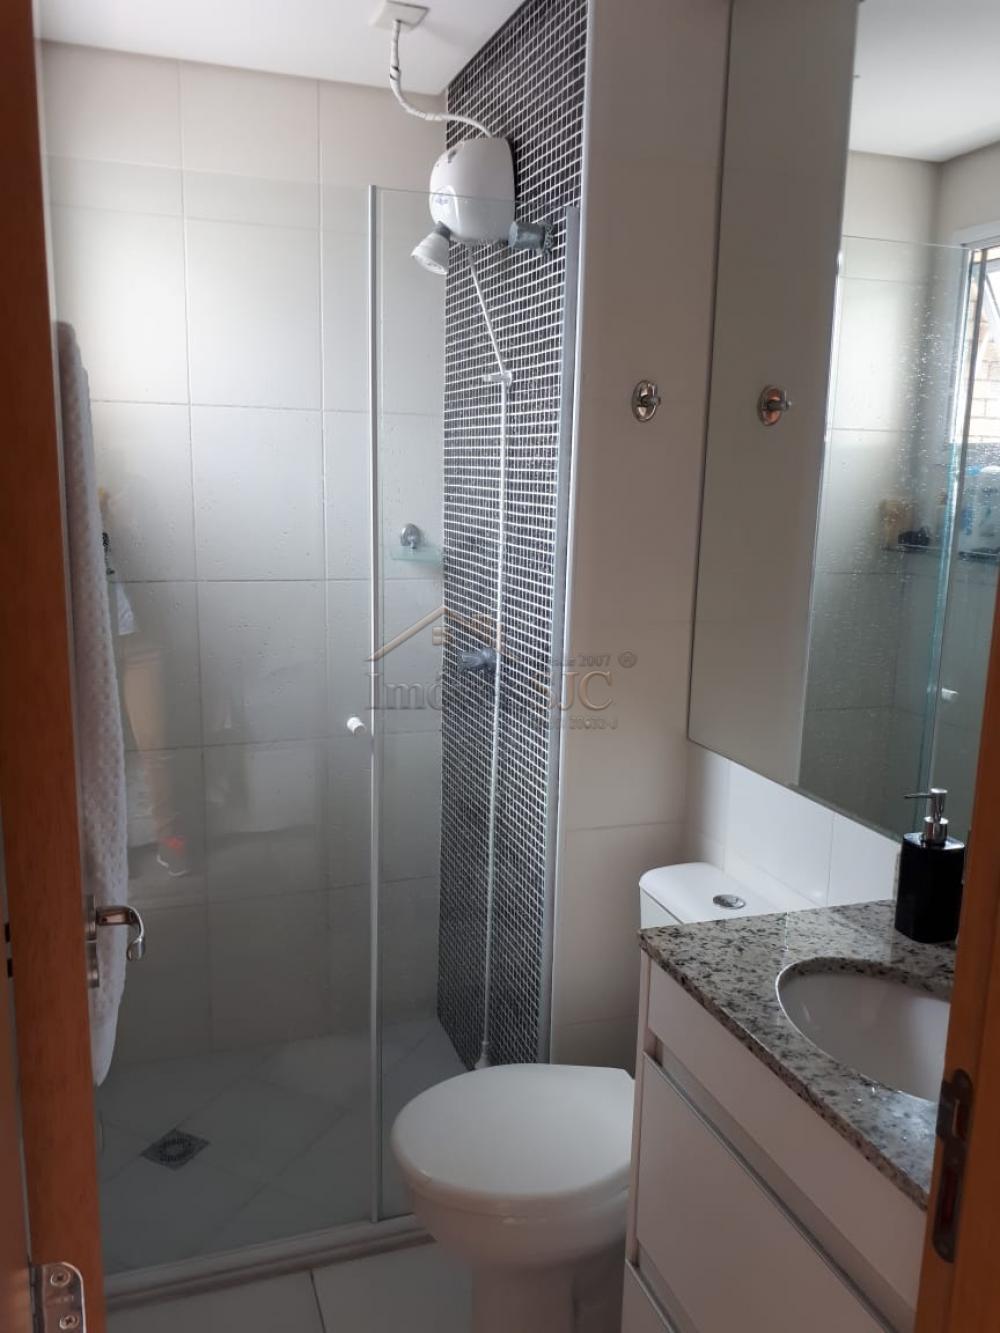 Alugar Apartamentos / Cobertura em São José dos Campos apenas R$ 3.500,00 - Foto 18